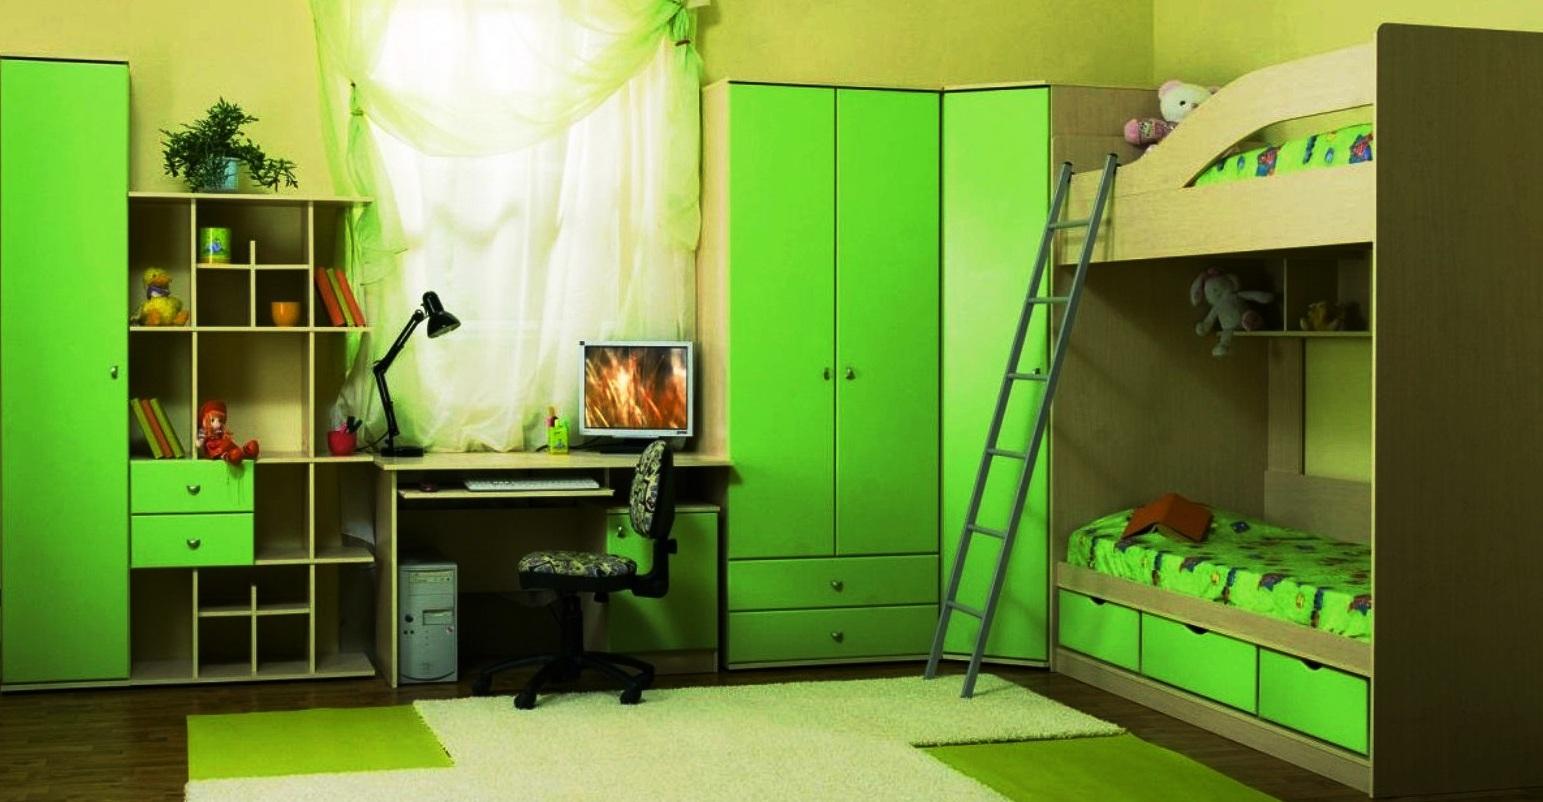 Детская мебель на заказ  Заказать детскую мебель из качественного ЛДСП можно на сайте детской мебели «Мебель детям». Мы предлагаем детские на заказ из разнообразных материалов, хотя в основном используем в производстве детской мебели австрийский материал Egger. Вы можете выбрать практически любой дизайн и размеры, а мы изготовим предметы мебели для вашего ребенка в кратчайшие сроки. Детская мебель на заказ - это воплощение любой вашей задумки и желания ваших детей! На нашем интернет ресурсе детской мебели «Мебель детям» вы можете заказать детскую мебель для мальчика, детскую мебель для девочки, подростковую мебель. Наш телефон в Санкт-Петербурге: 8 (812) 980-36-42 Заказать детскую мебель для девочки в СПб «Мебель детям» имеет опыт производства детской мебели для девочек на заказ любой конфигурации. Мы можем изготовить на заказ отдельные предметы или комнату для девочки целиком. Если у вас есть только идея, мы поможем ее реализовать в виде красивой уникальной детской мебели. Наши специалисты - дизайнеры выполнят эскиз, сделают проект и просчитают точную стоимость изготовления. Например, мы можем произвести детскую кровать в любой сказочной форме, детскую стенку в стиле «хай-тек», а также украсить детскую мебель художественной фрезеровкой. Детская мебель для девочек на заказ . Детские комнаты по индивидуальному дизайну как для дома, так и для детских садов и дошкольных учреждений.   Заказать детскую мебель для мальчика в СПб . Вы можете заказать детскую мебель для мальчиков по индивидуальным размерам и любой конфигурации отличного качества. Часто у нас заказывают полностью комнату для мальчика включая дизайн интерьера, но мы готовы изготовить для вашего ребенка и любой отдельный предмет мебели. Например, мы можем произвести детскую кровать чердак или двухъярусную кровать(двухэтажная кровать), компьютерный стол с тумбами или стенку или детский шкаф купе, а также украсить мебель из декоративных элементов.